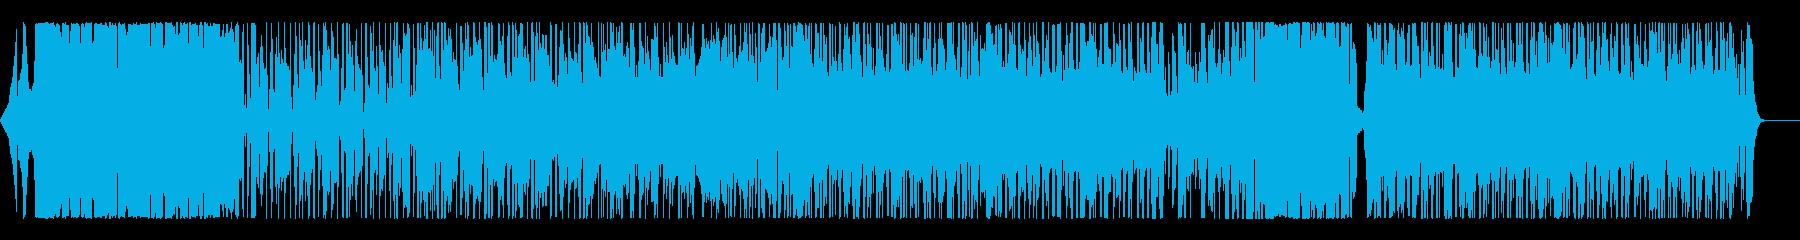 ミディアムテンポでクールなロックギターの再生済みの波形